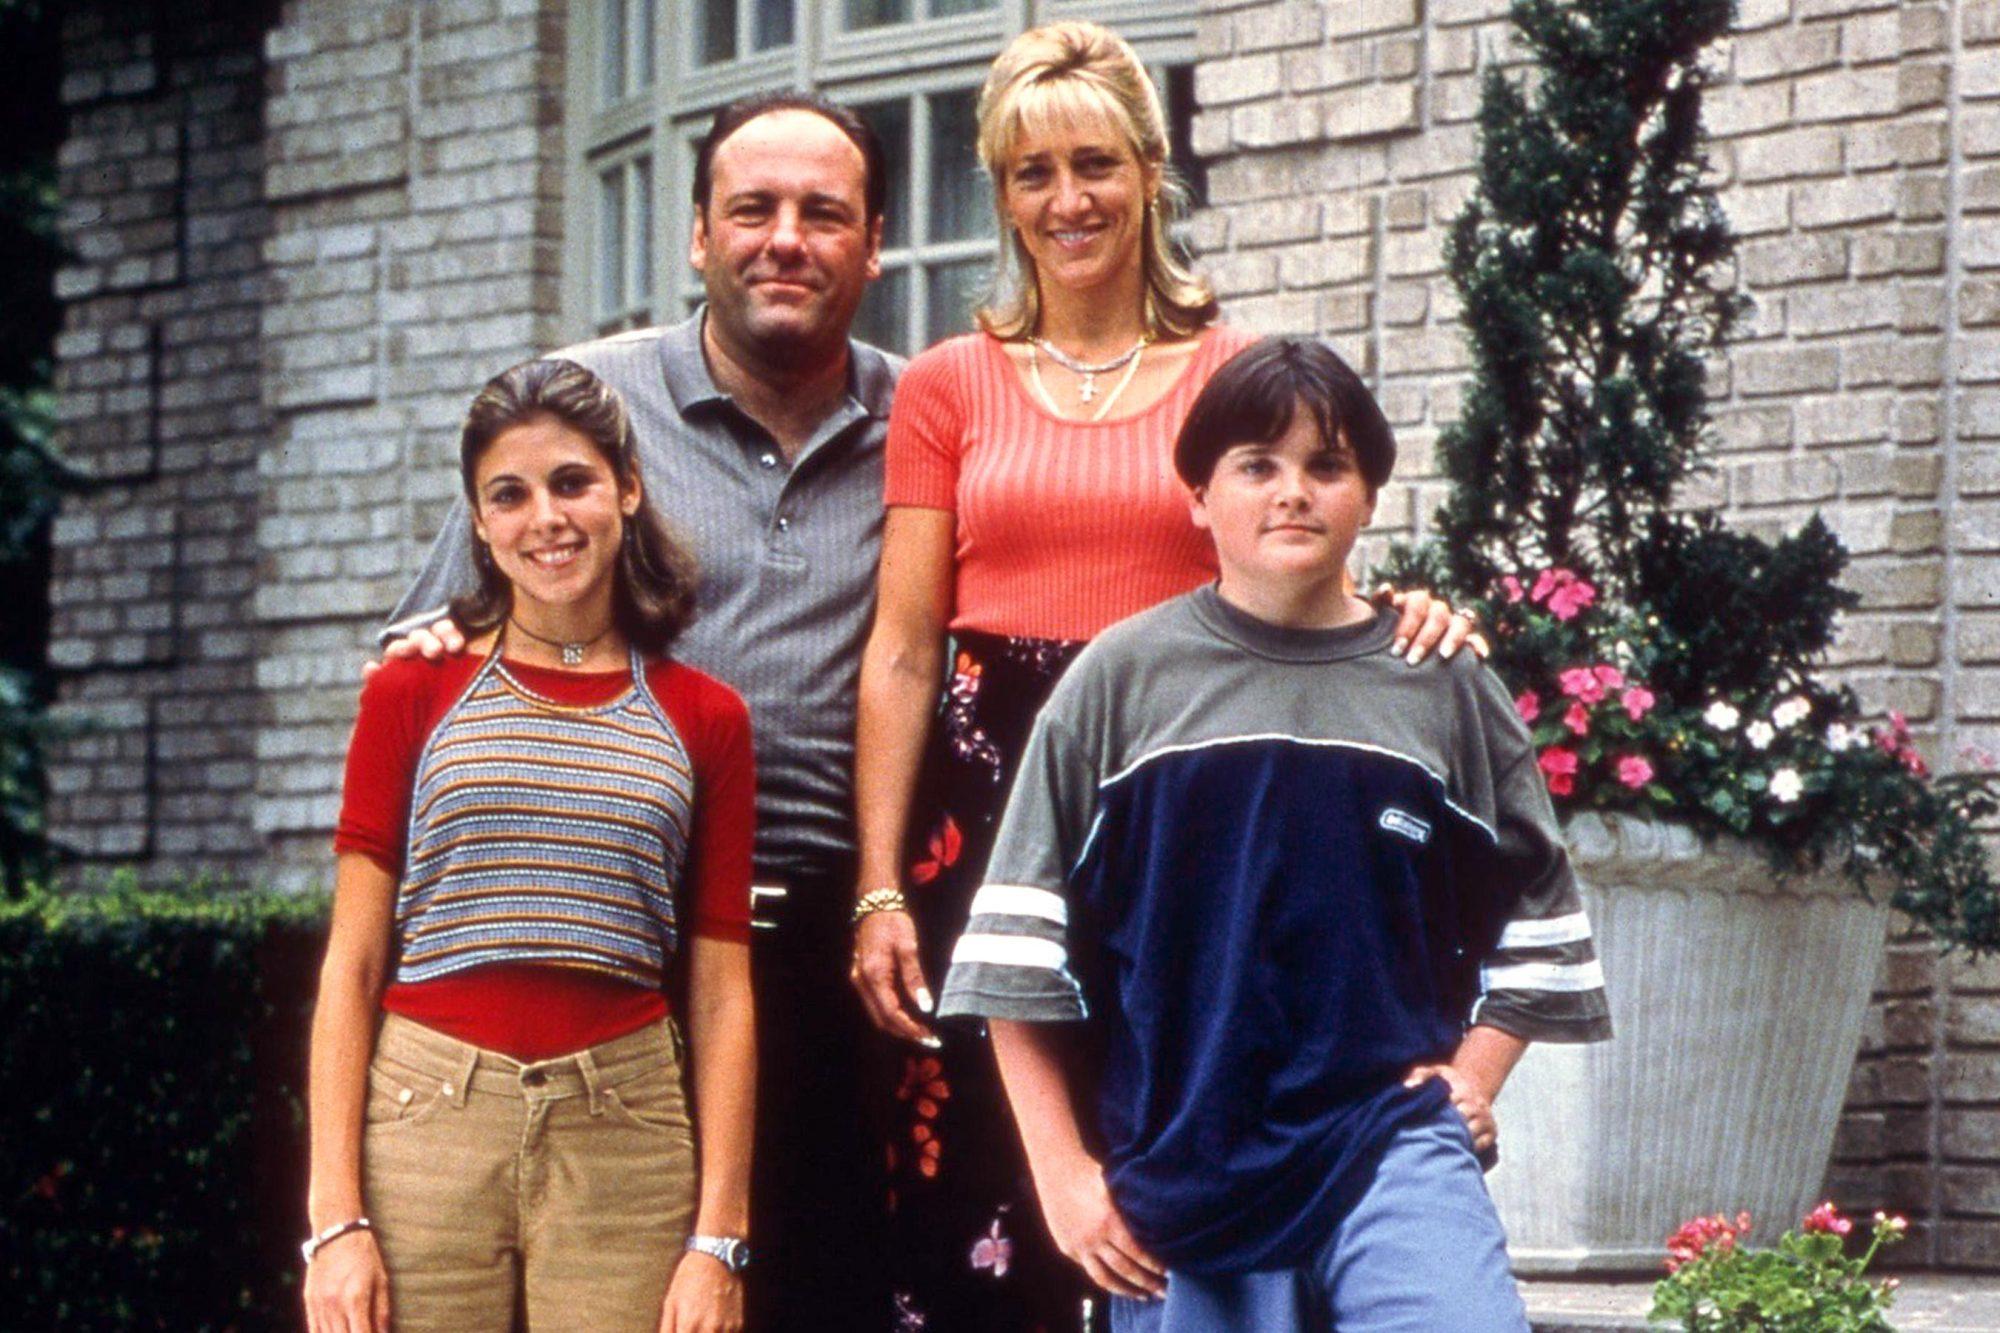 The SopranosJaime Lynn Sigler, James Gandolfini, Edie Falco, Robert Iler